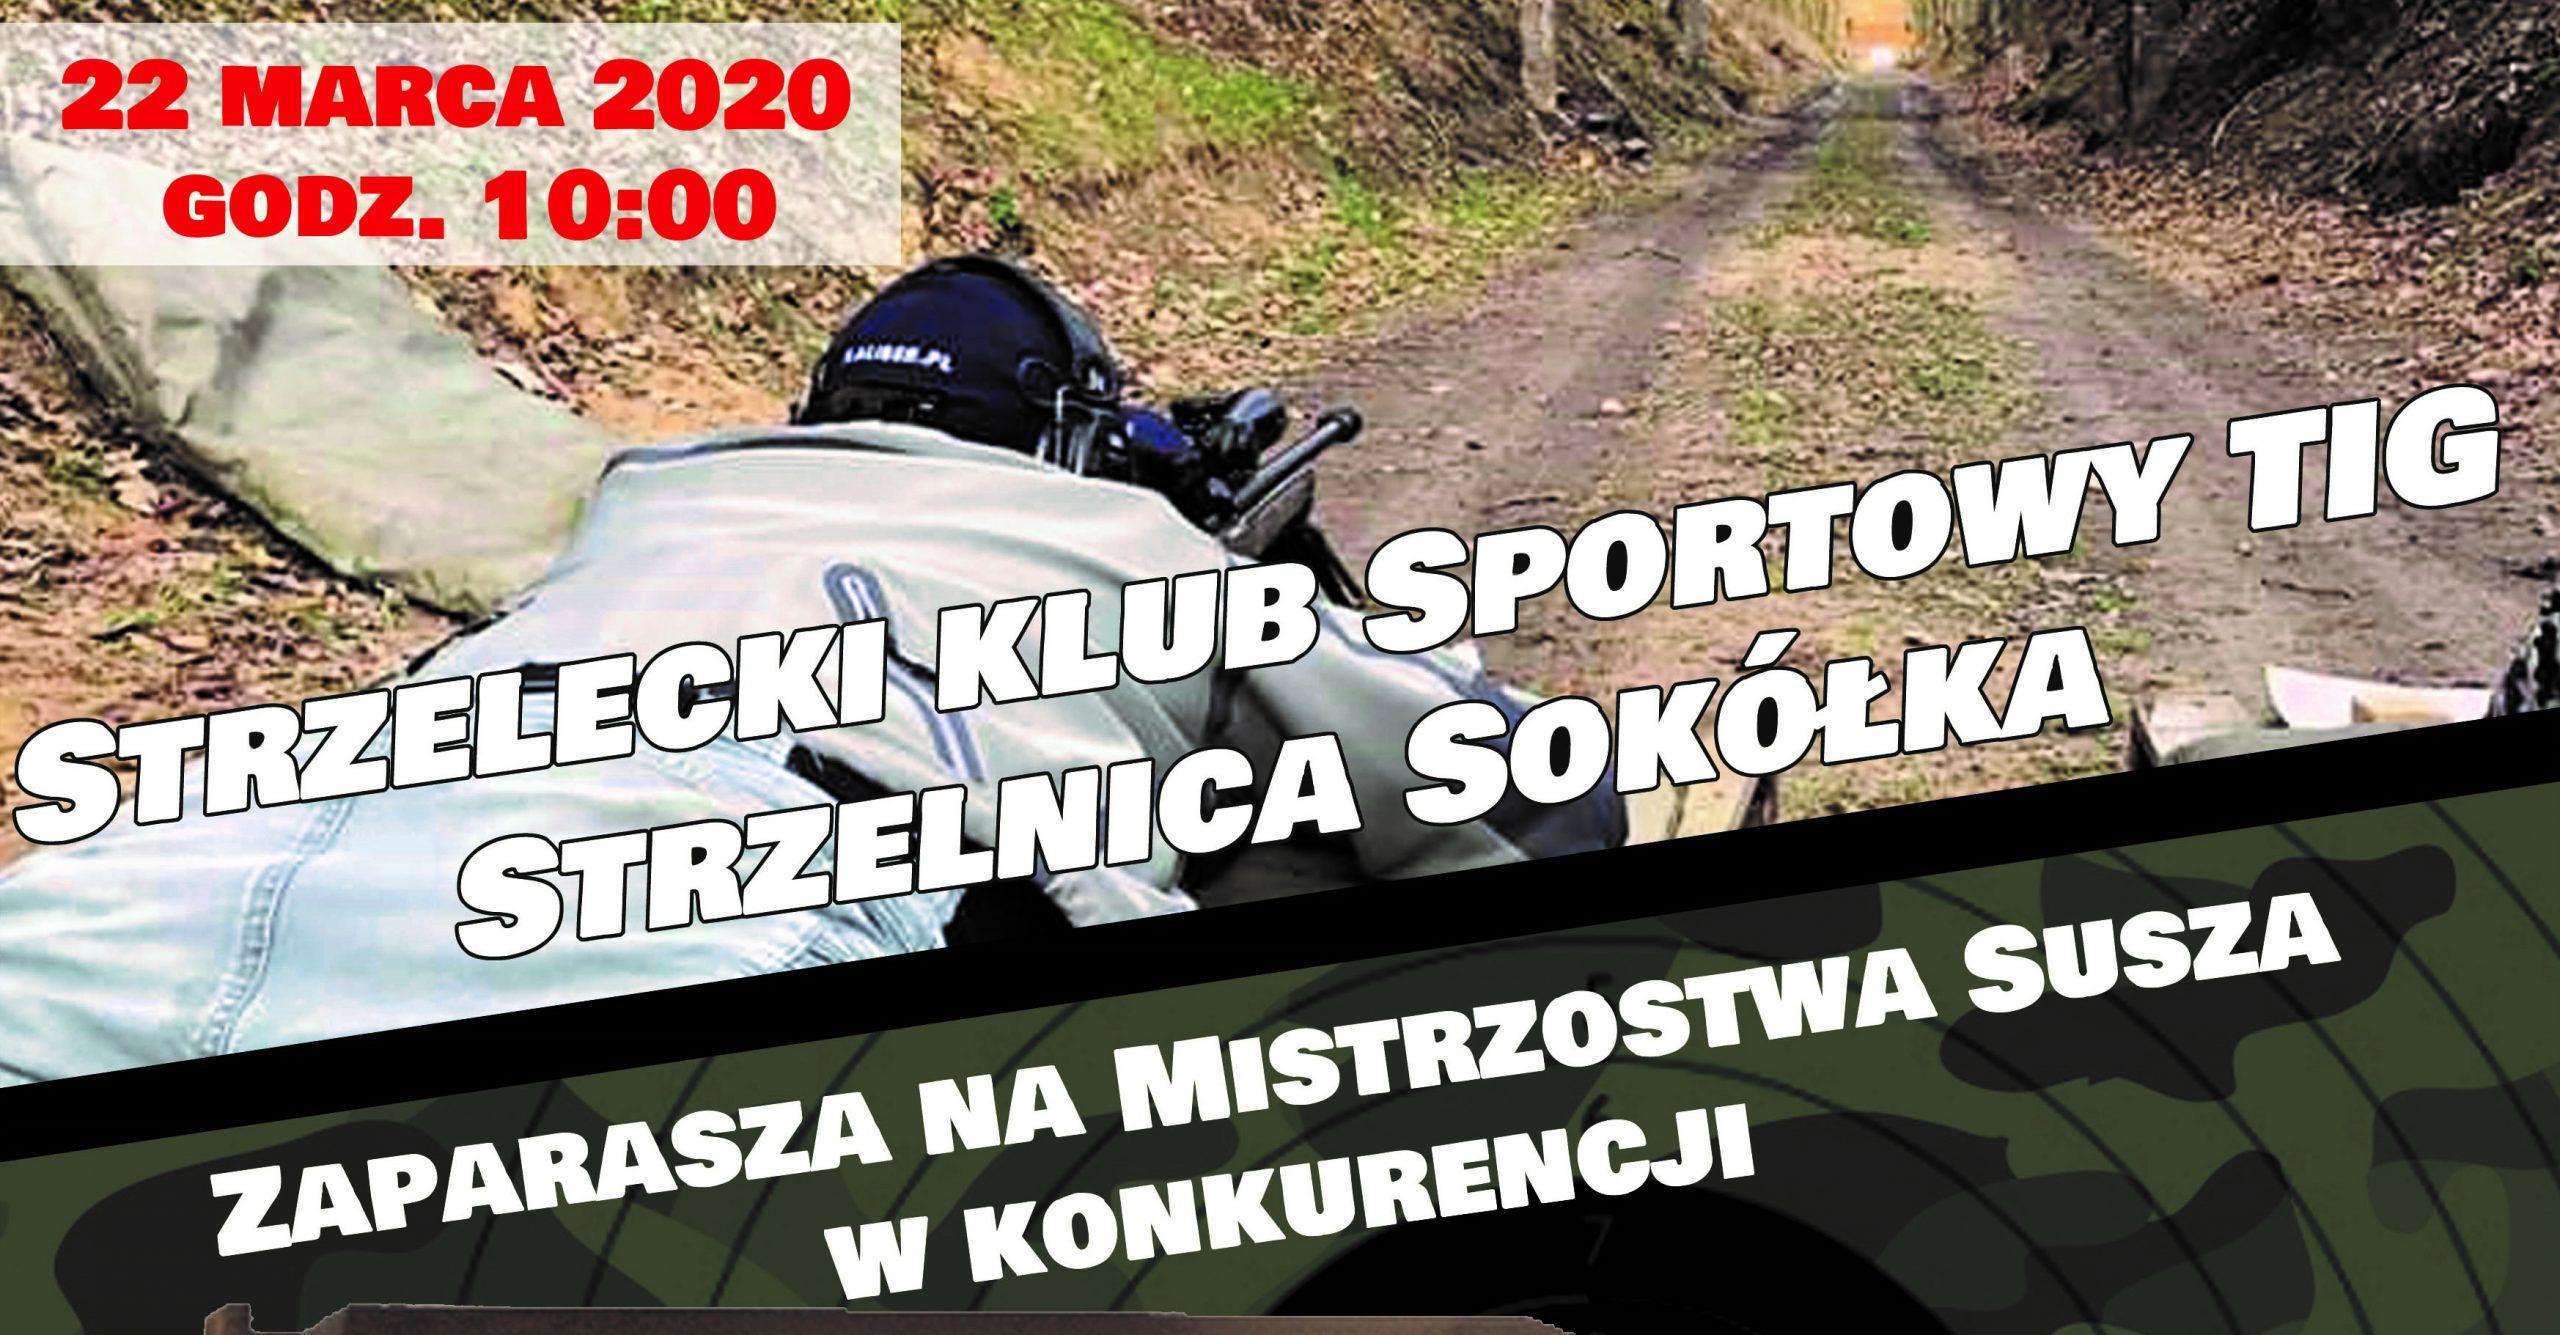 I Mistrzostwa Susza w Karabinie na dystansie 300m.